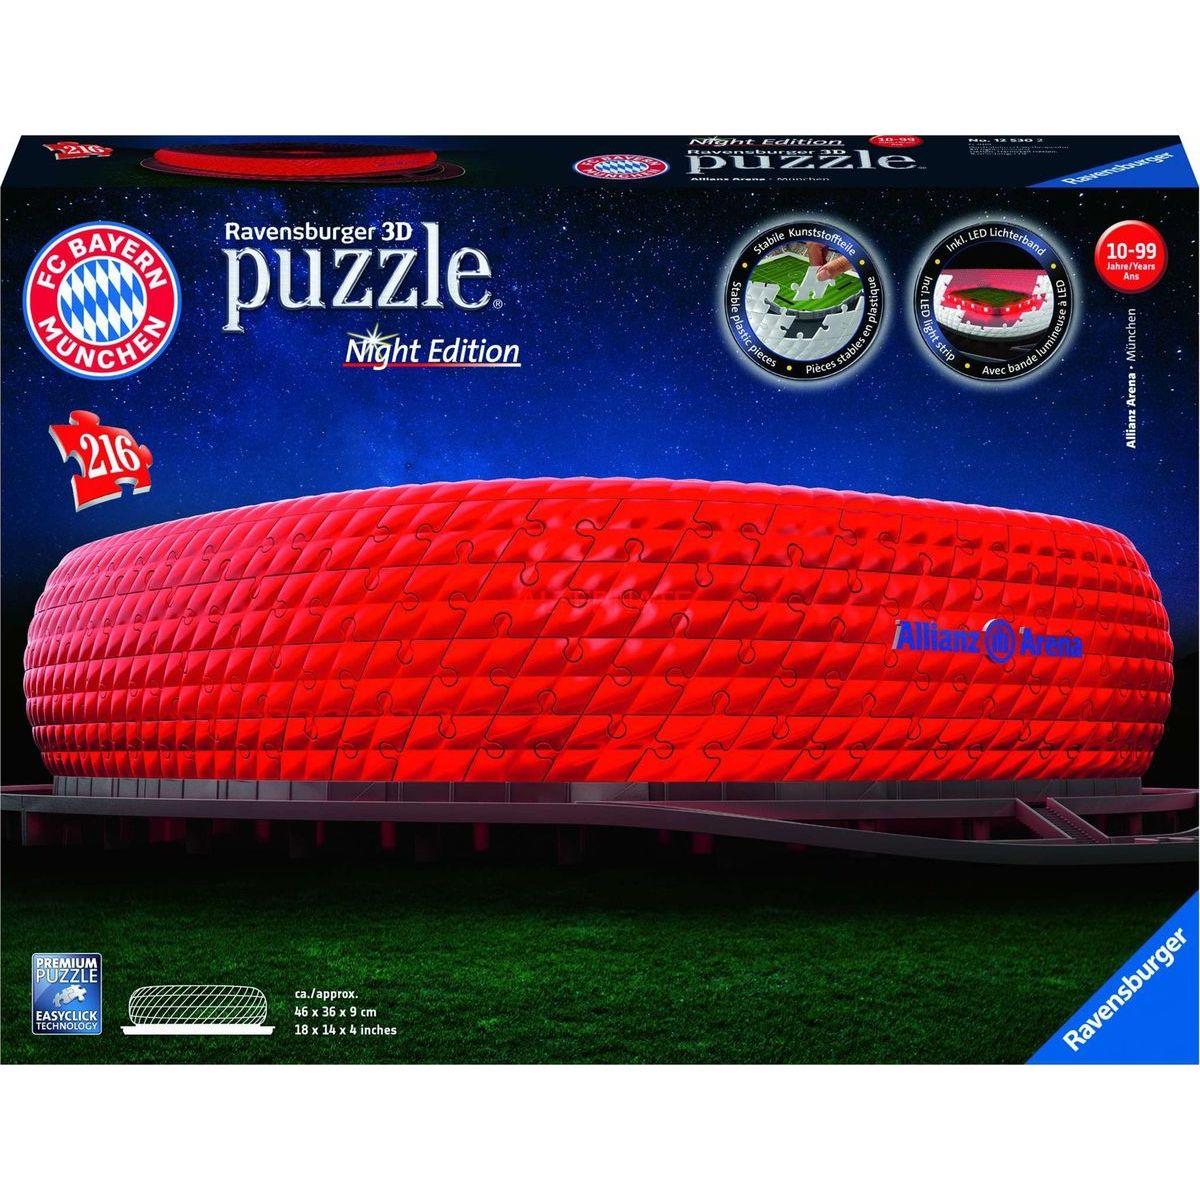 Ravensburger 3D puzzle 125302 Allianz Arena Nočná edícia 216 dielikov